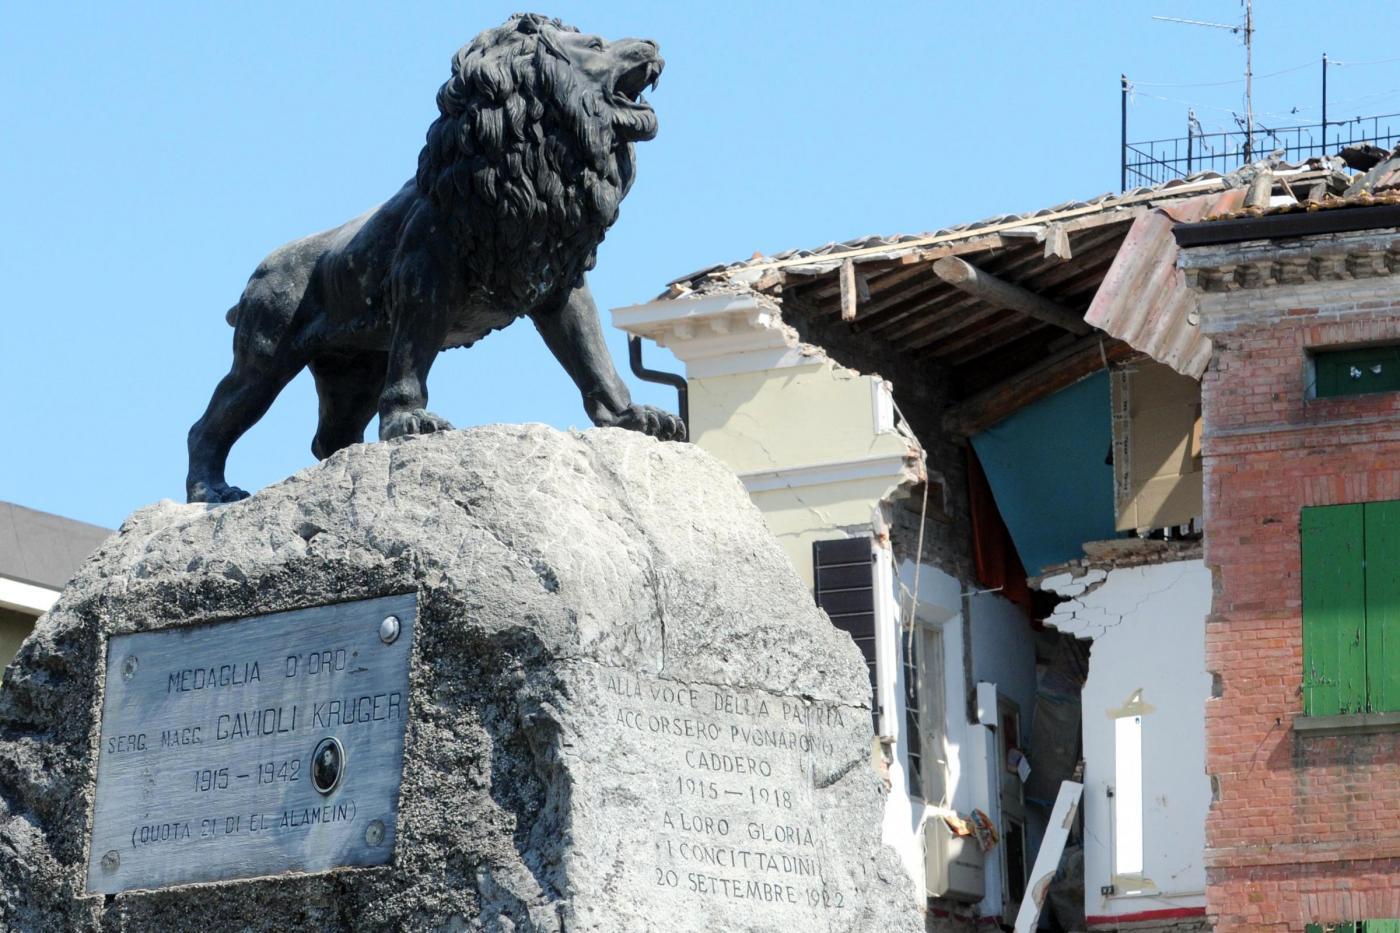 Terremoto come sapere se la tua casa sicura giornalettismo - Casa senza fondamenta terremoto ...